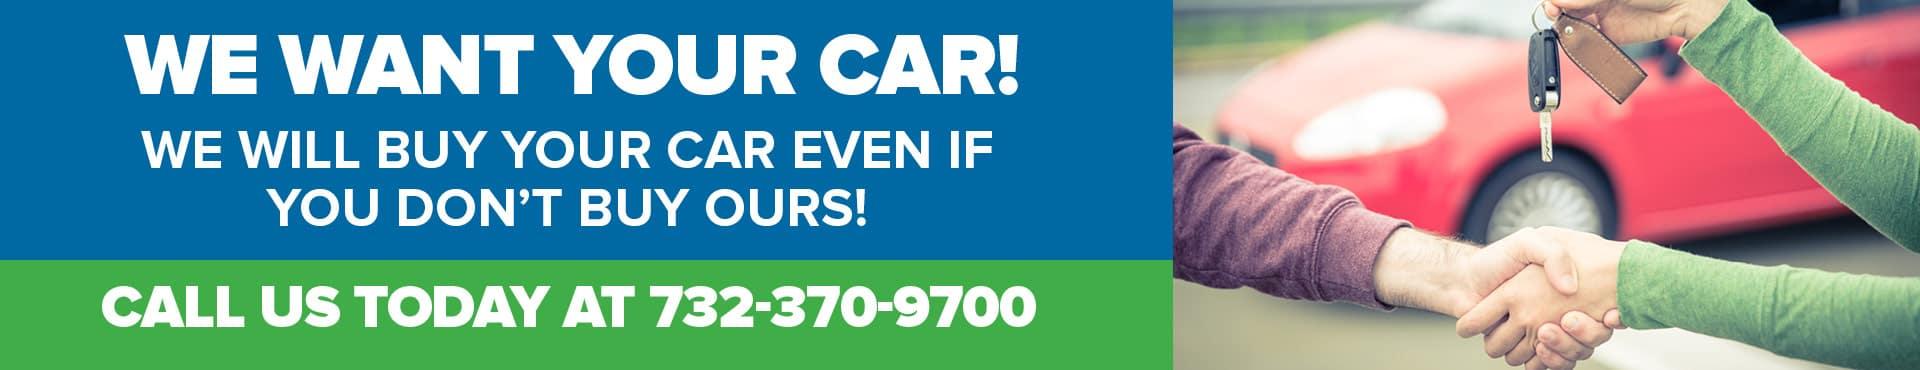 HonUni-751 We Buy Cars website banner